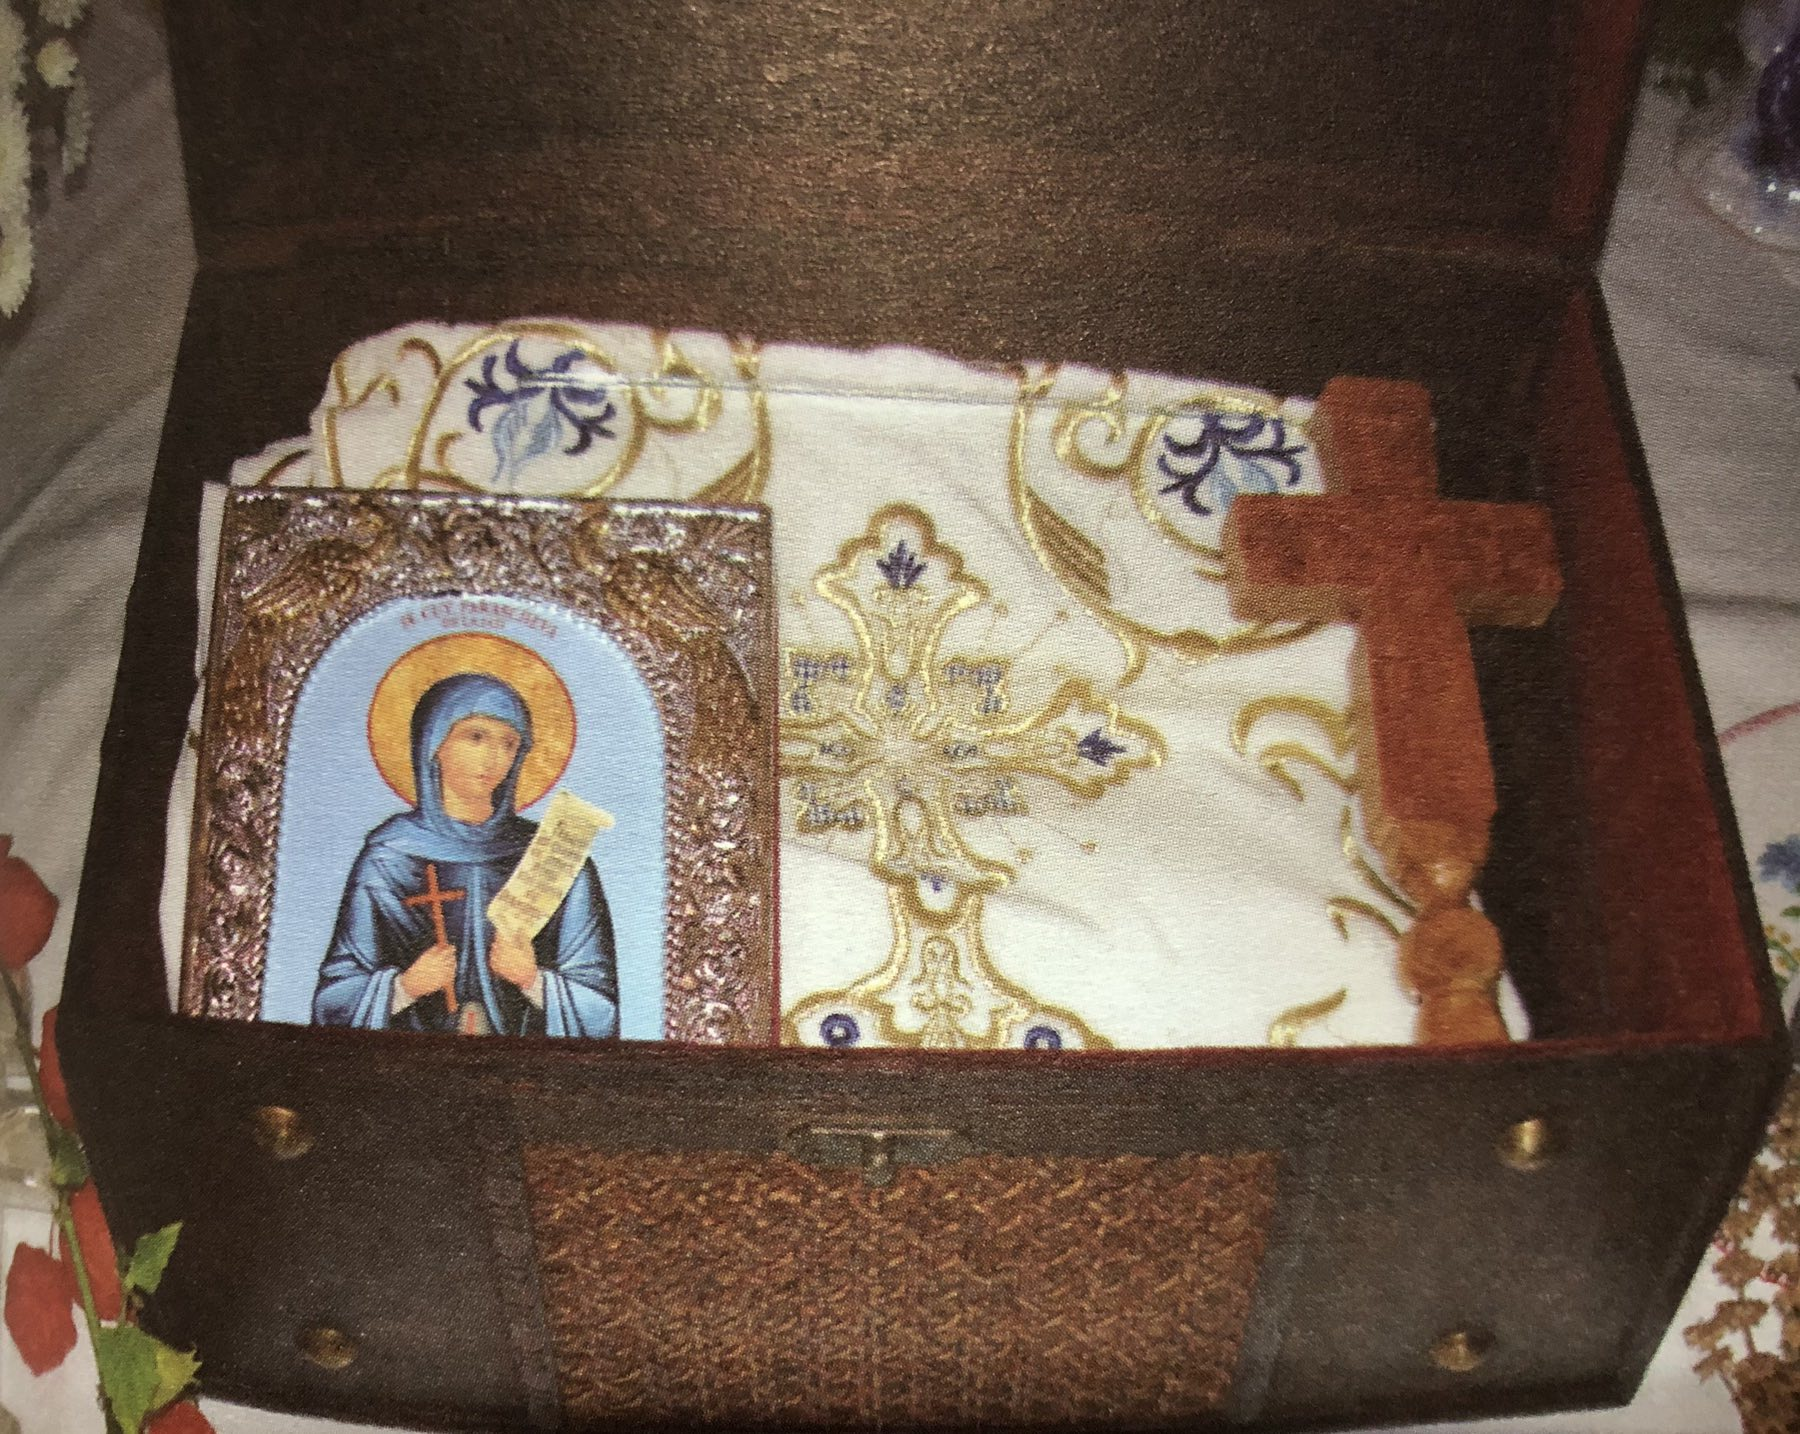 Riza Svete Petke u manastiru, fotografija preuzeta iz knjige ,,Manastir Sveti Aranđeo''